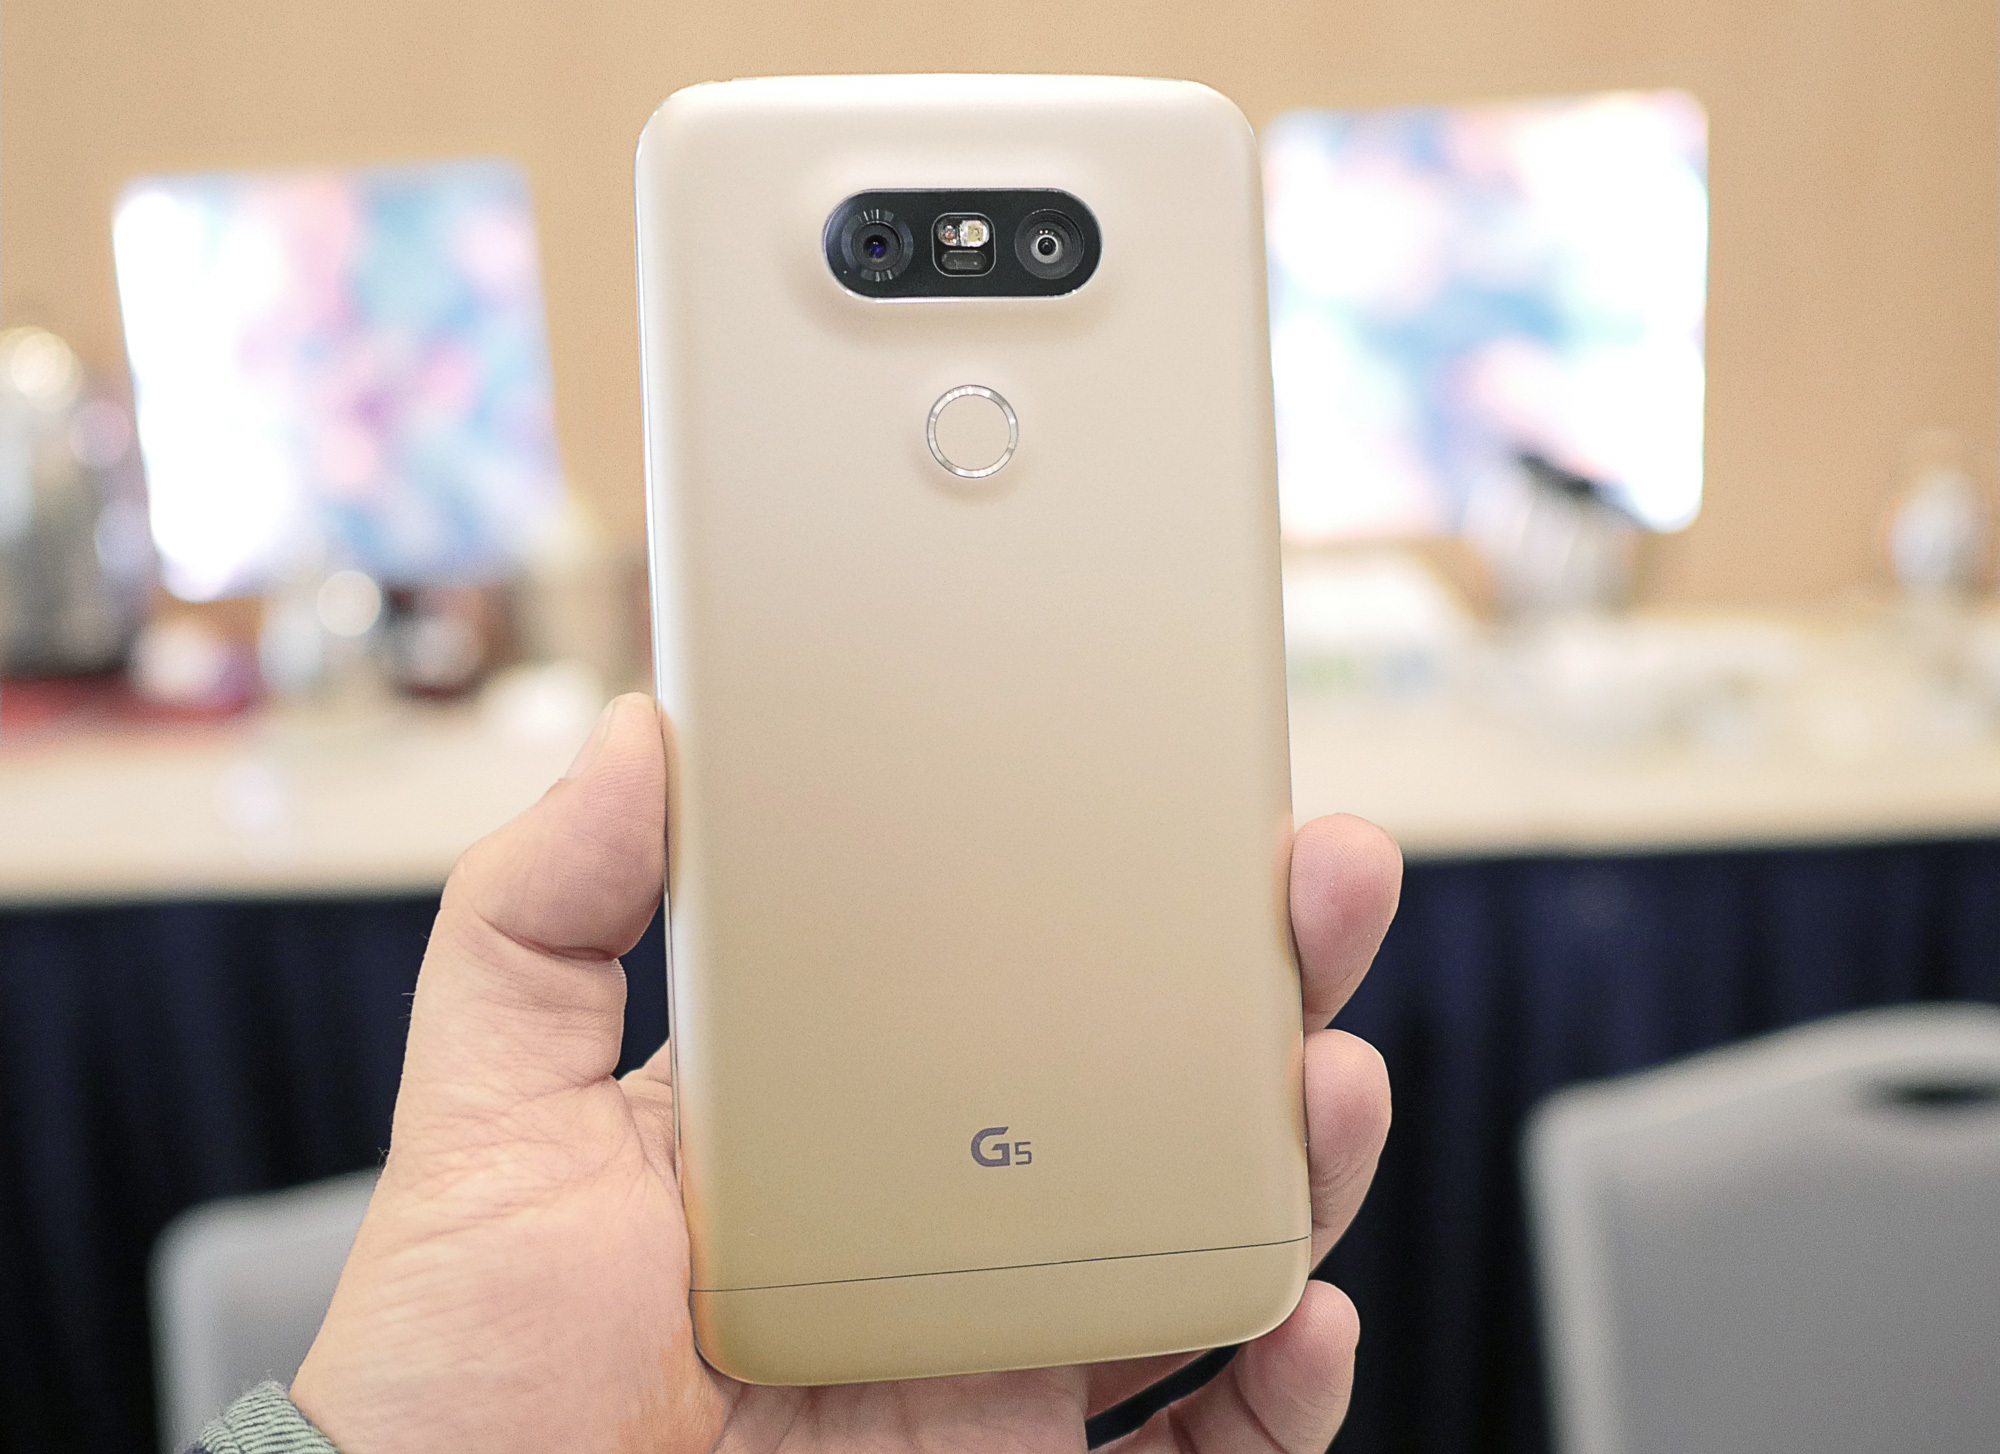 LG G5 sensor